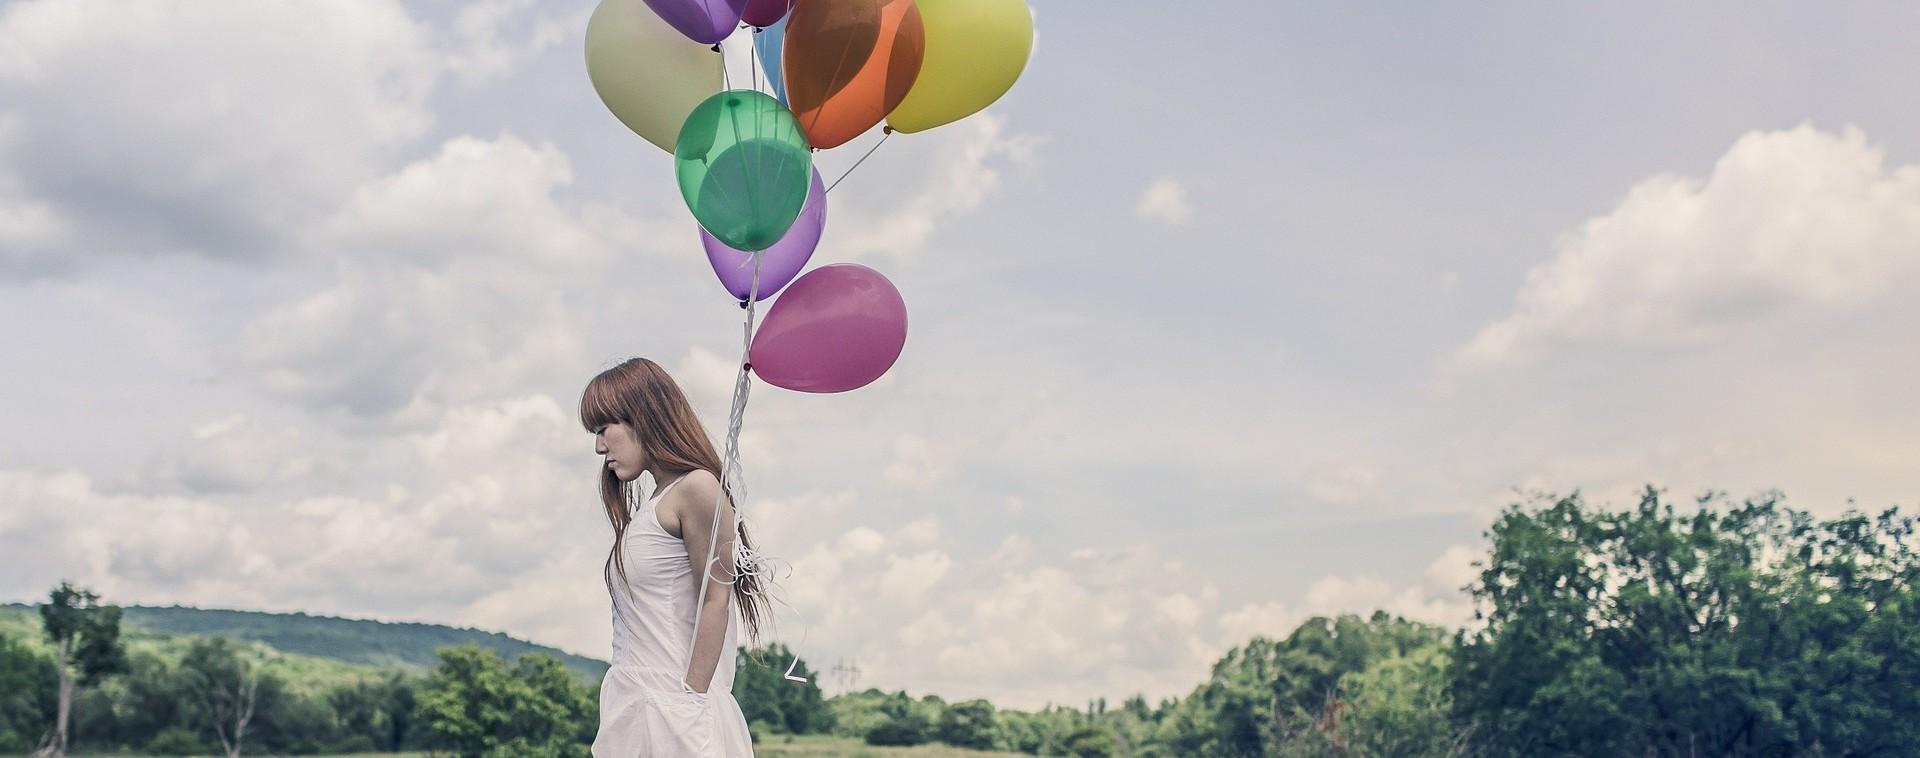 Stärker als je zuvor- Oder kann eine Trennung glücklich machen?